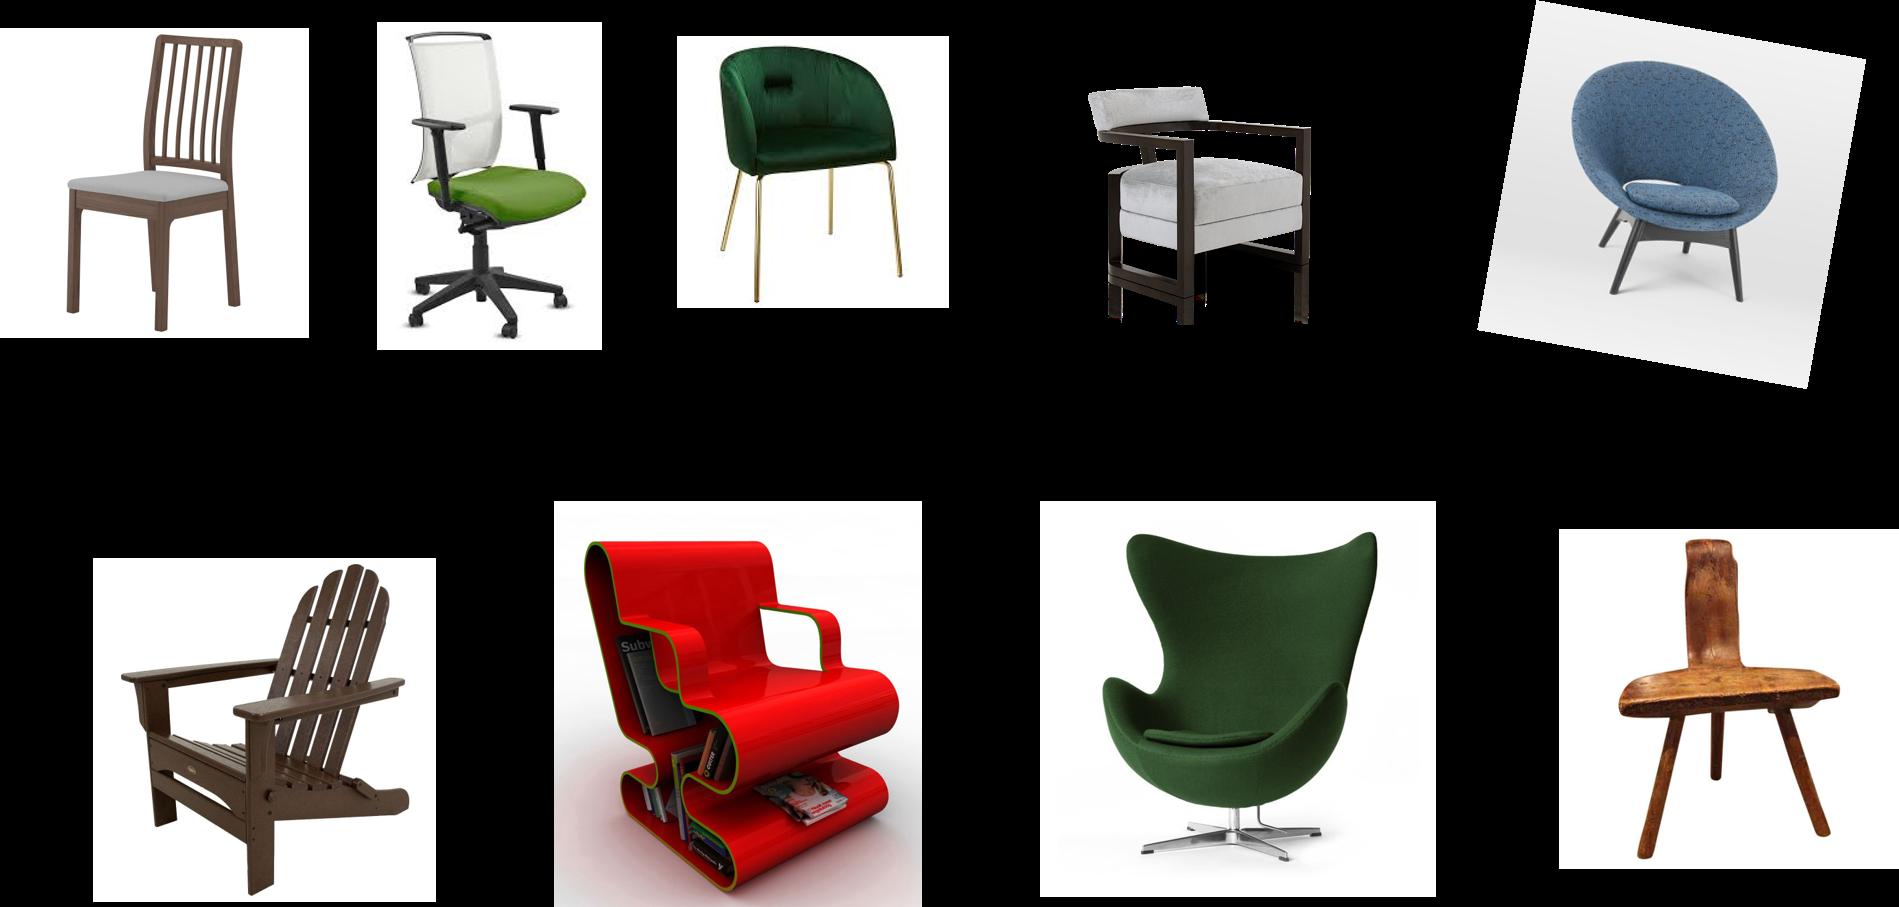 anche una sedia può essere difficile da categorizzare